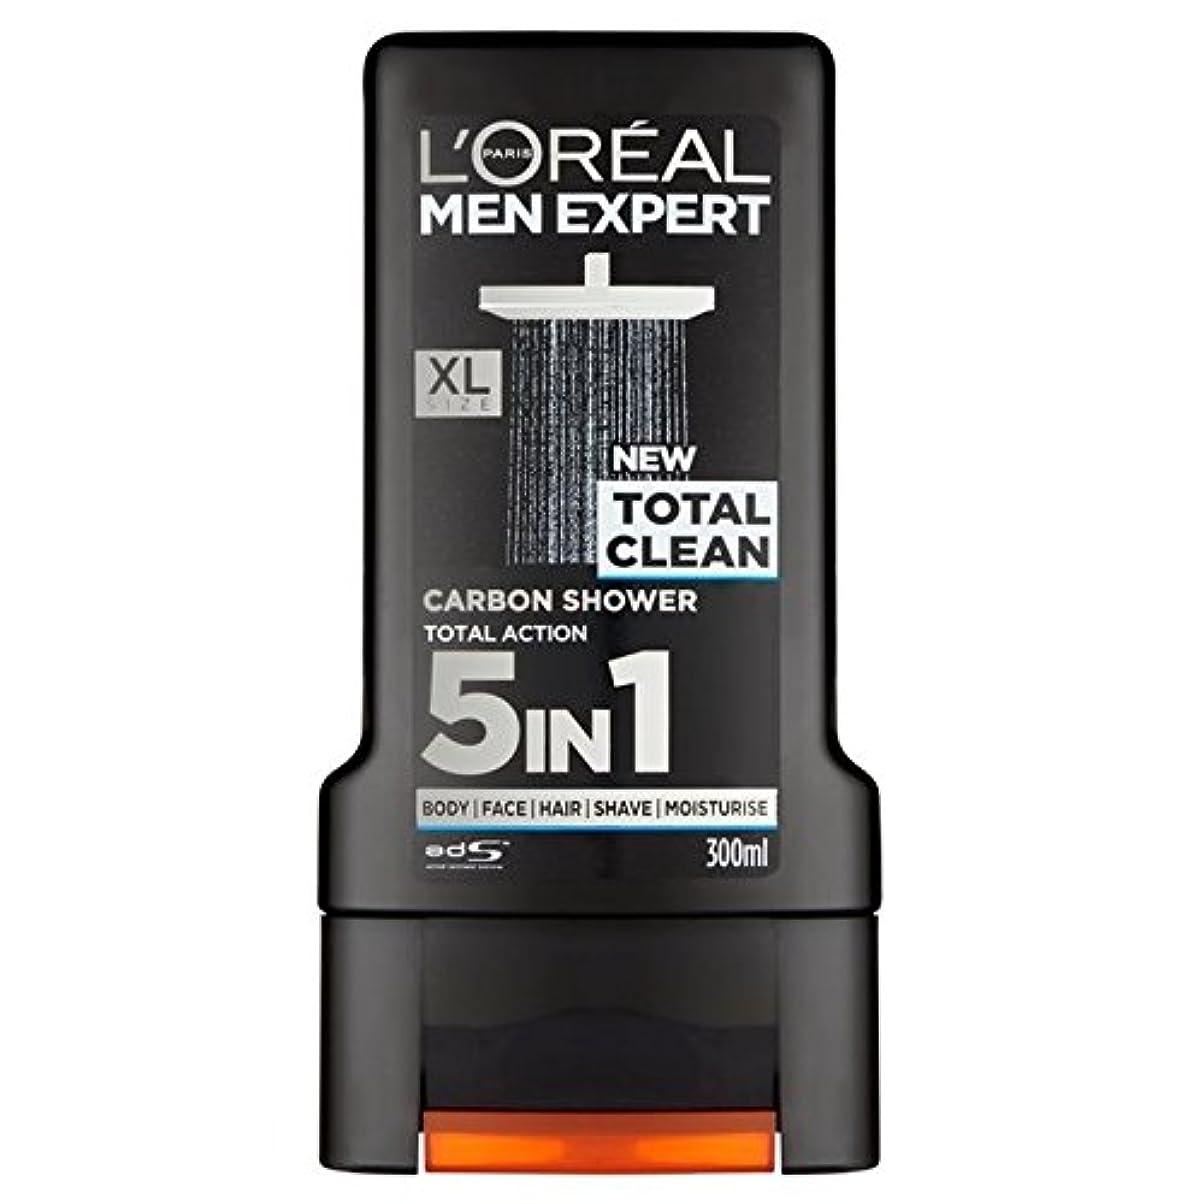 悪性何もない惨めなロレアルパリのメンズ専門トータルクリーンシャワージェル300ミリリットル x2 - L'Oreal Paris Men Expert Total Clean Shower Gel 300ml (Pack of 2) [並行輸入品]